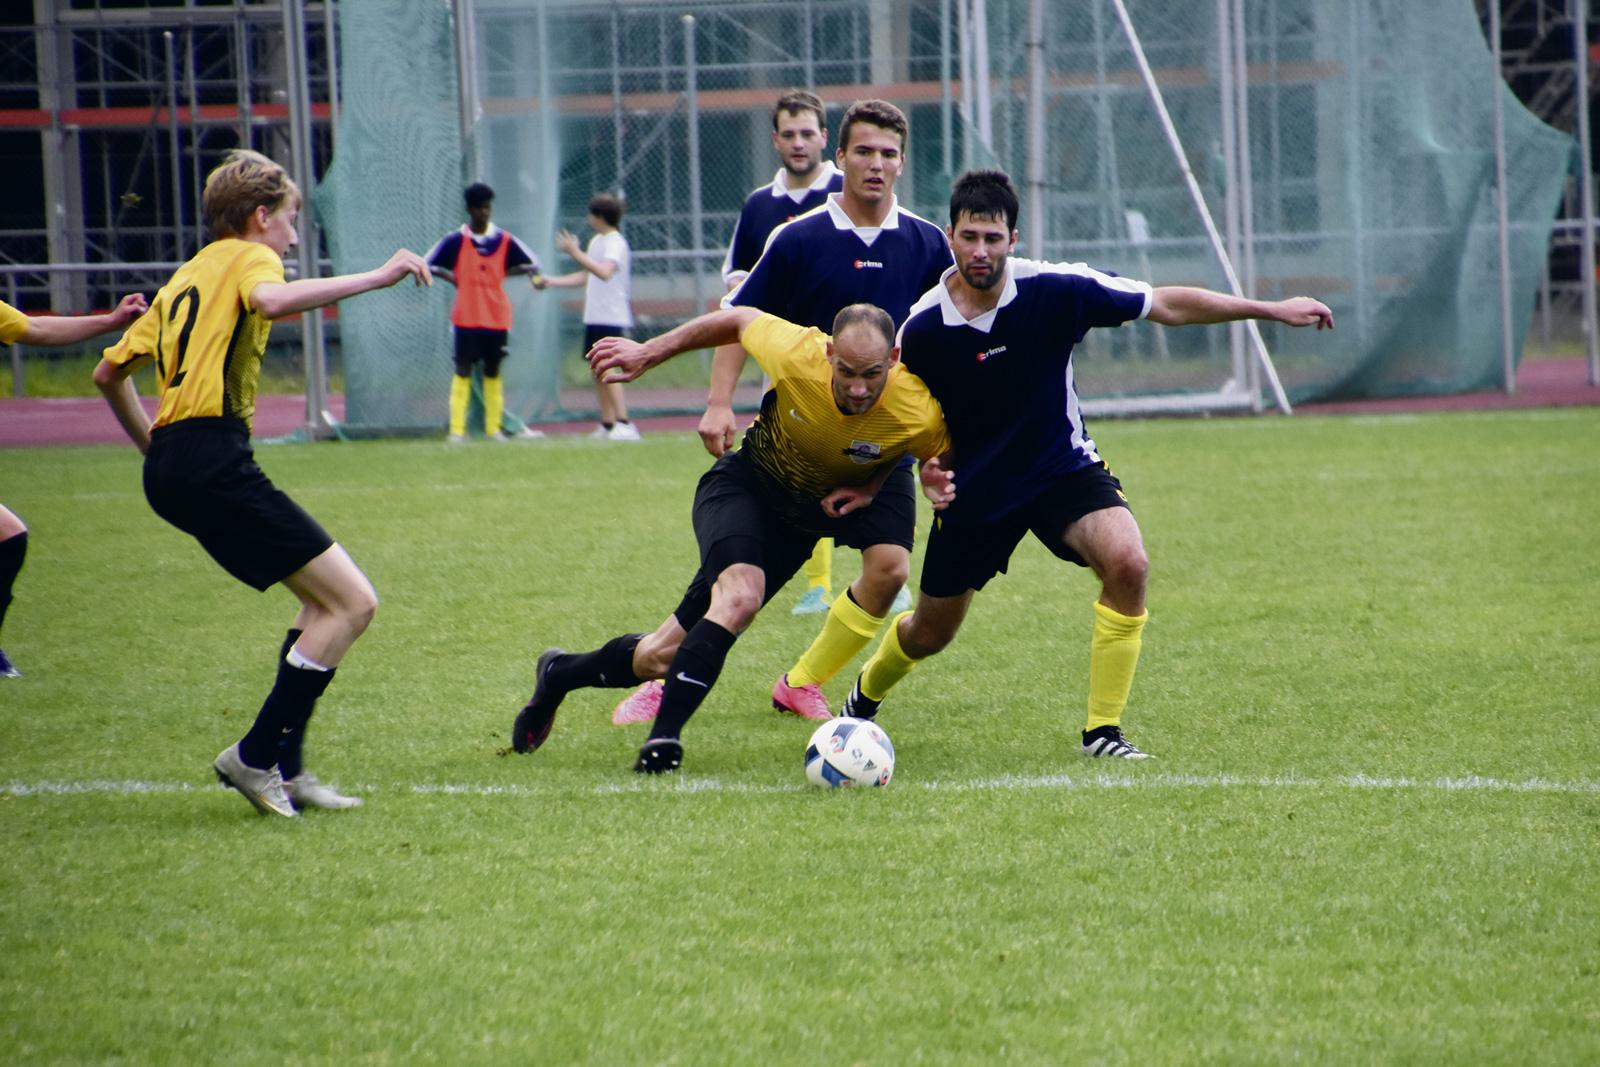 5. liga fußball